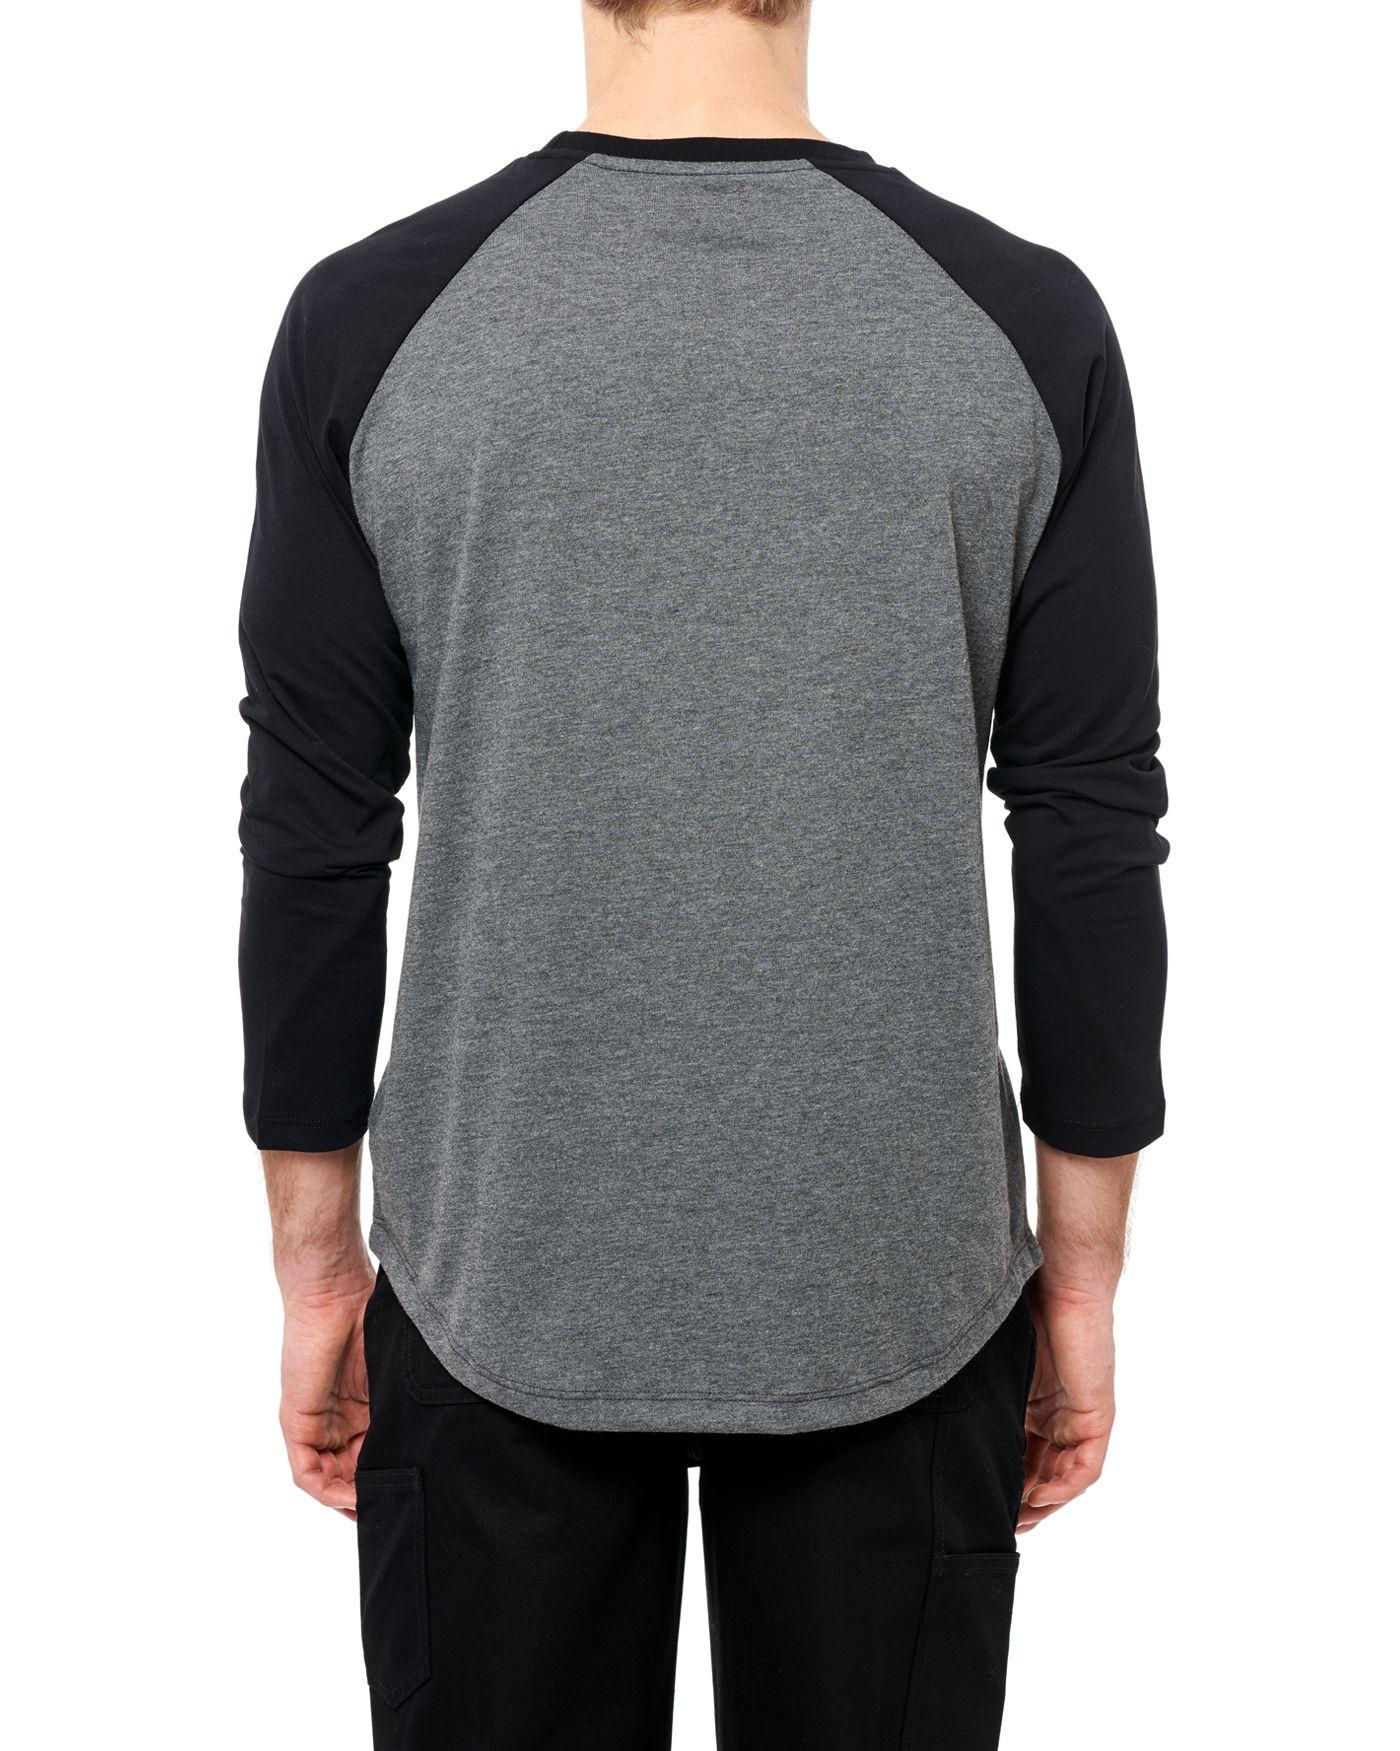 Photo of Nothing Man 3/4 Raglan T-shirt, Grey Melange